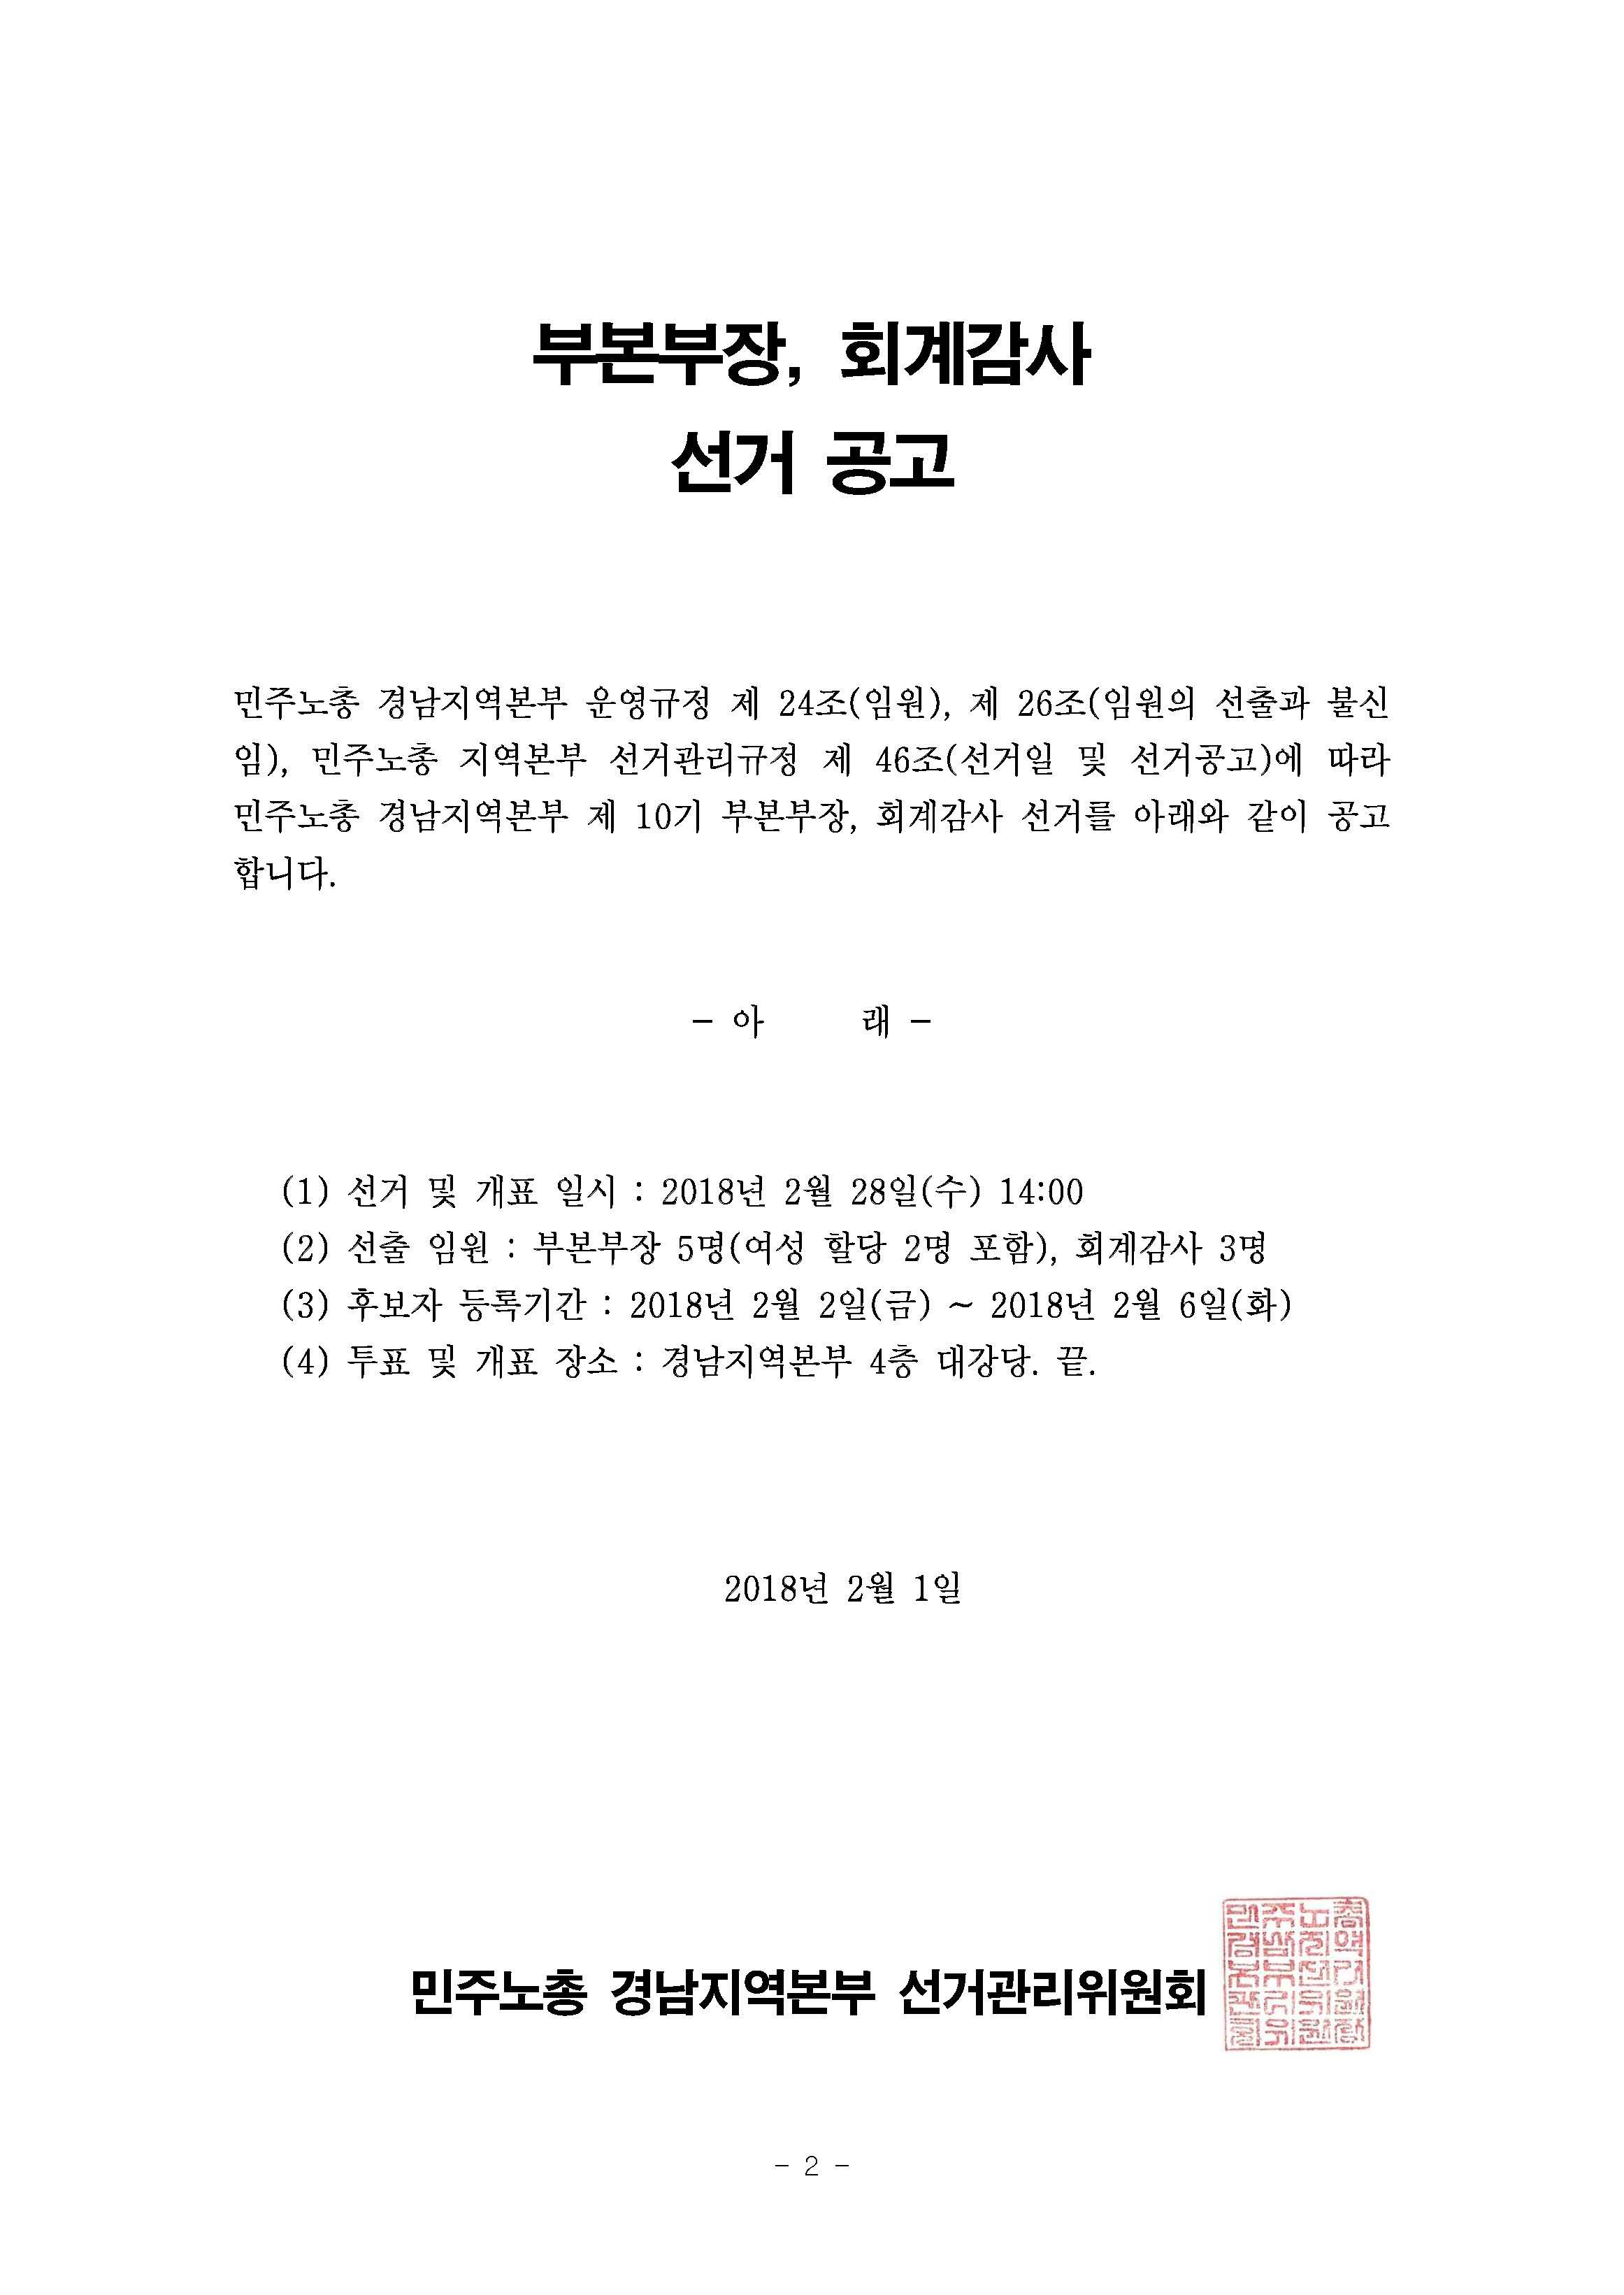 2018-0201부본회계감사선거공고_페이지_2.jpg